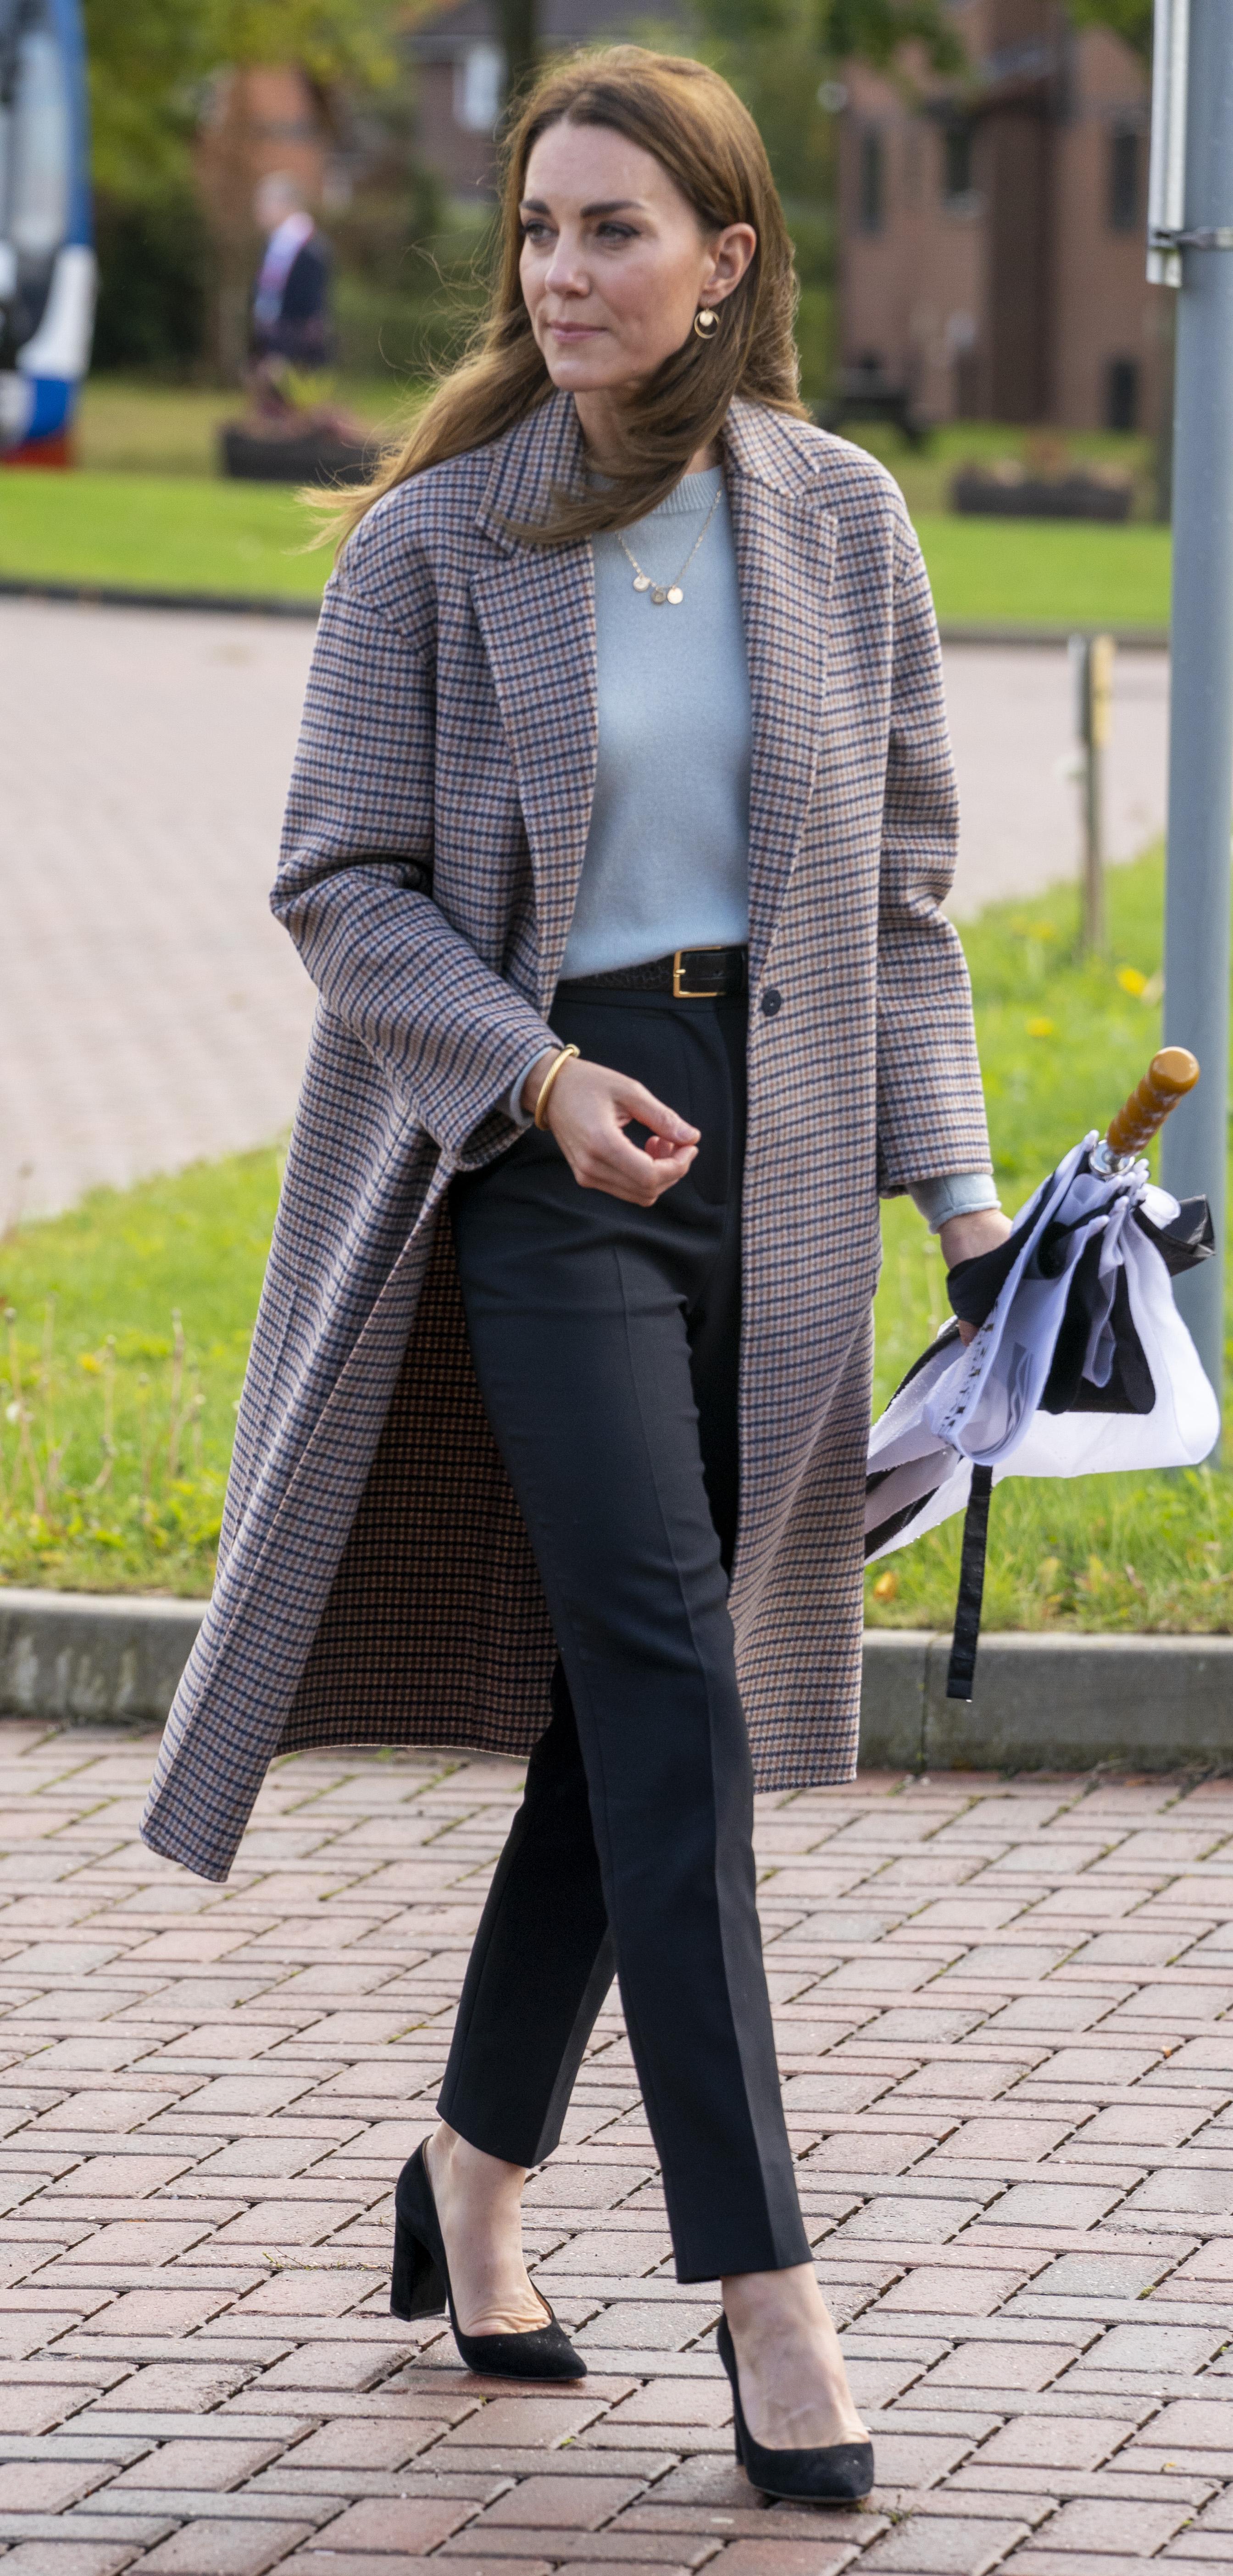 Herzogin Kate im Herbst-Look mit Mantel